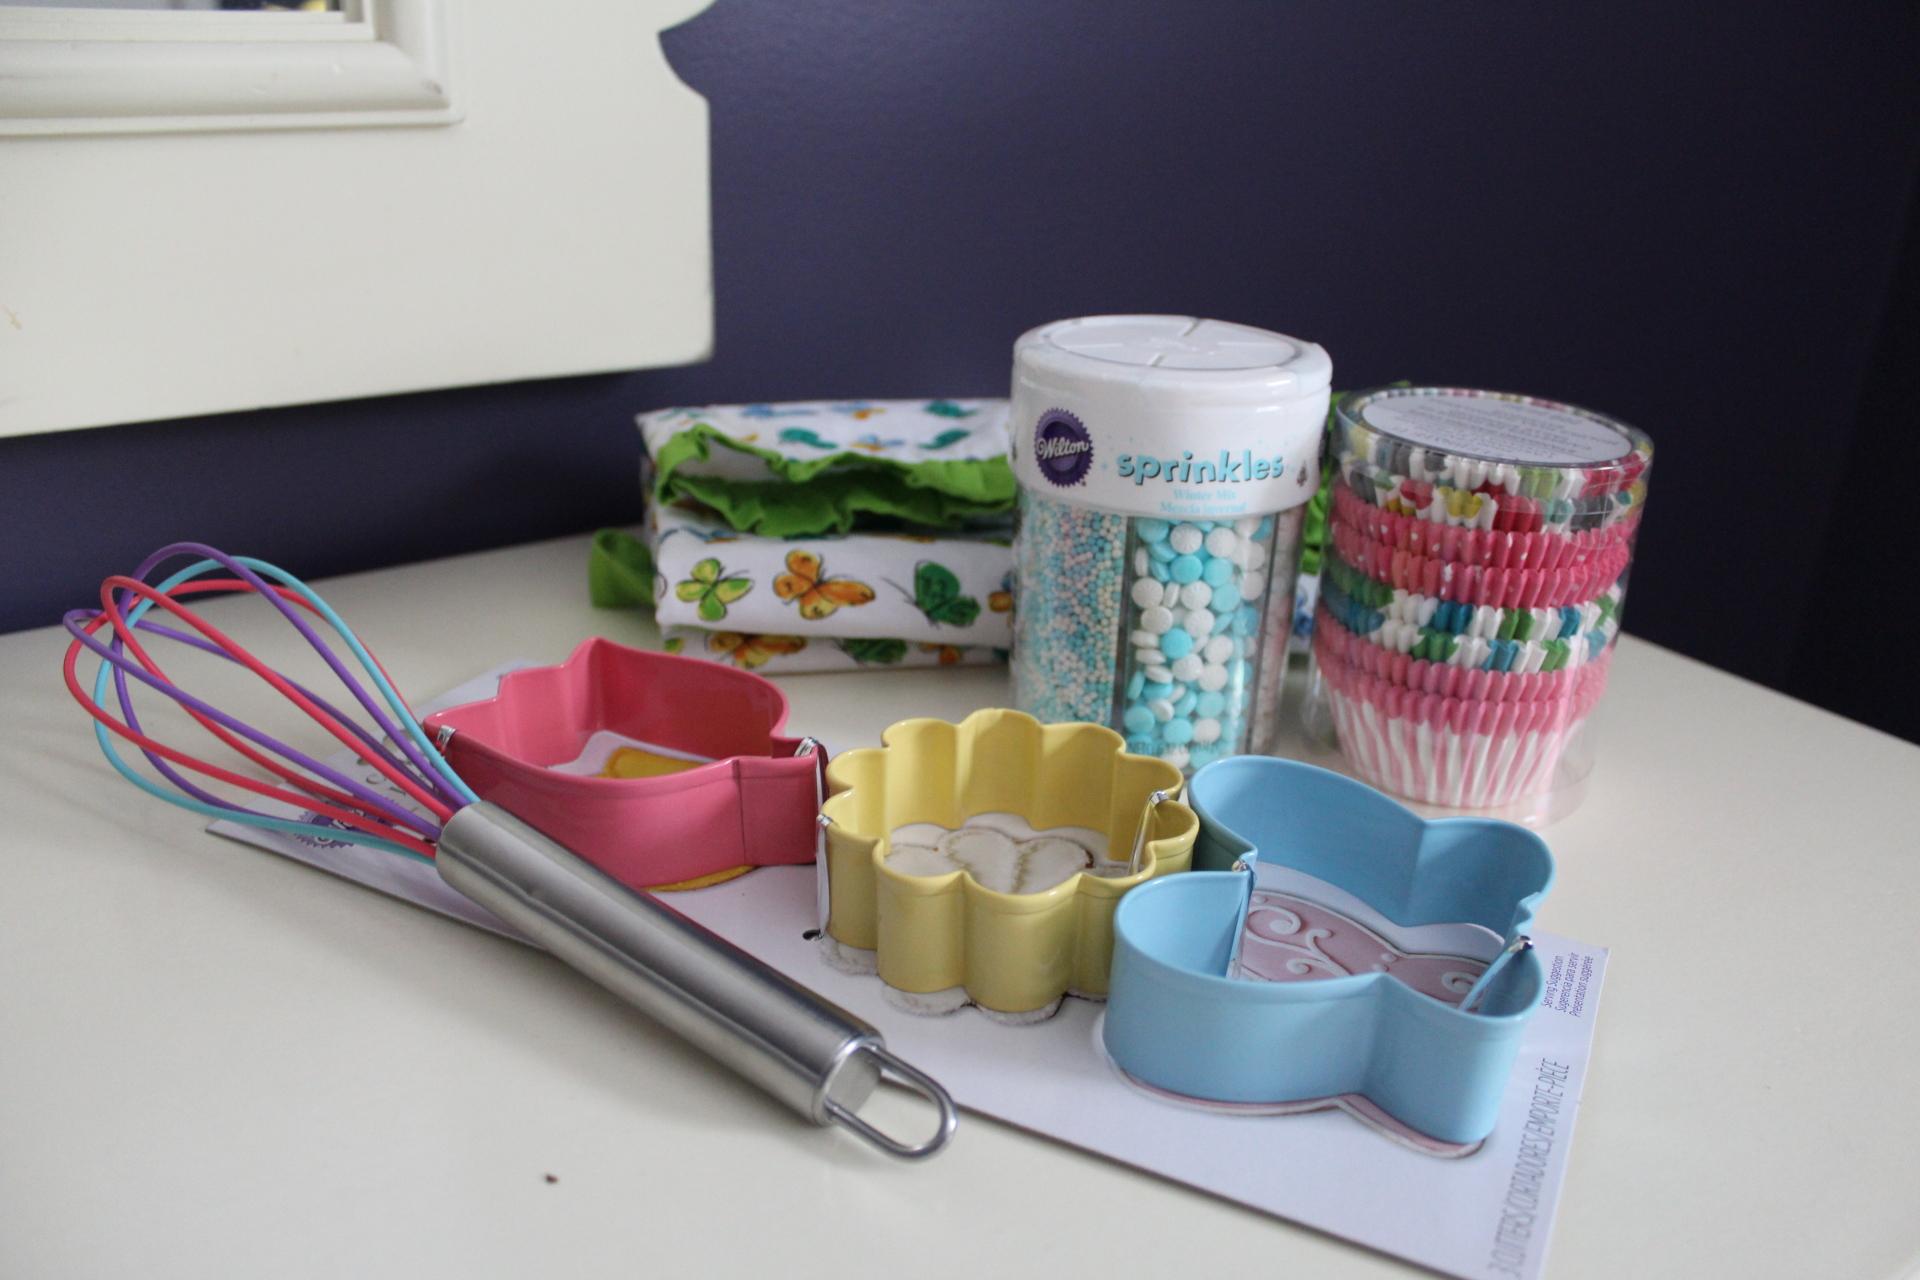 Gift Idea for an Aspiring Baker